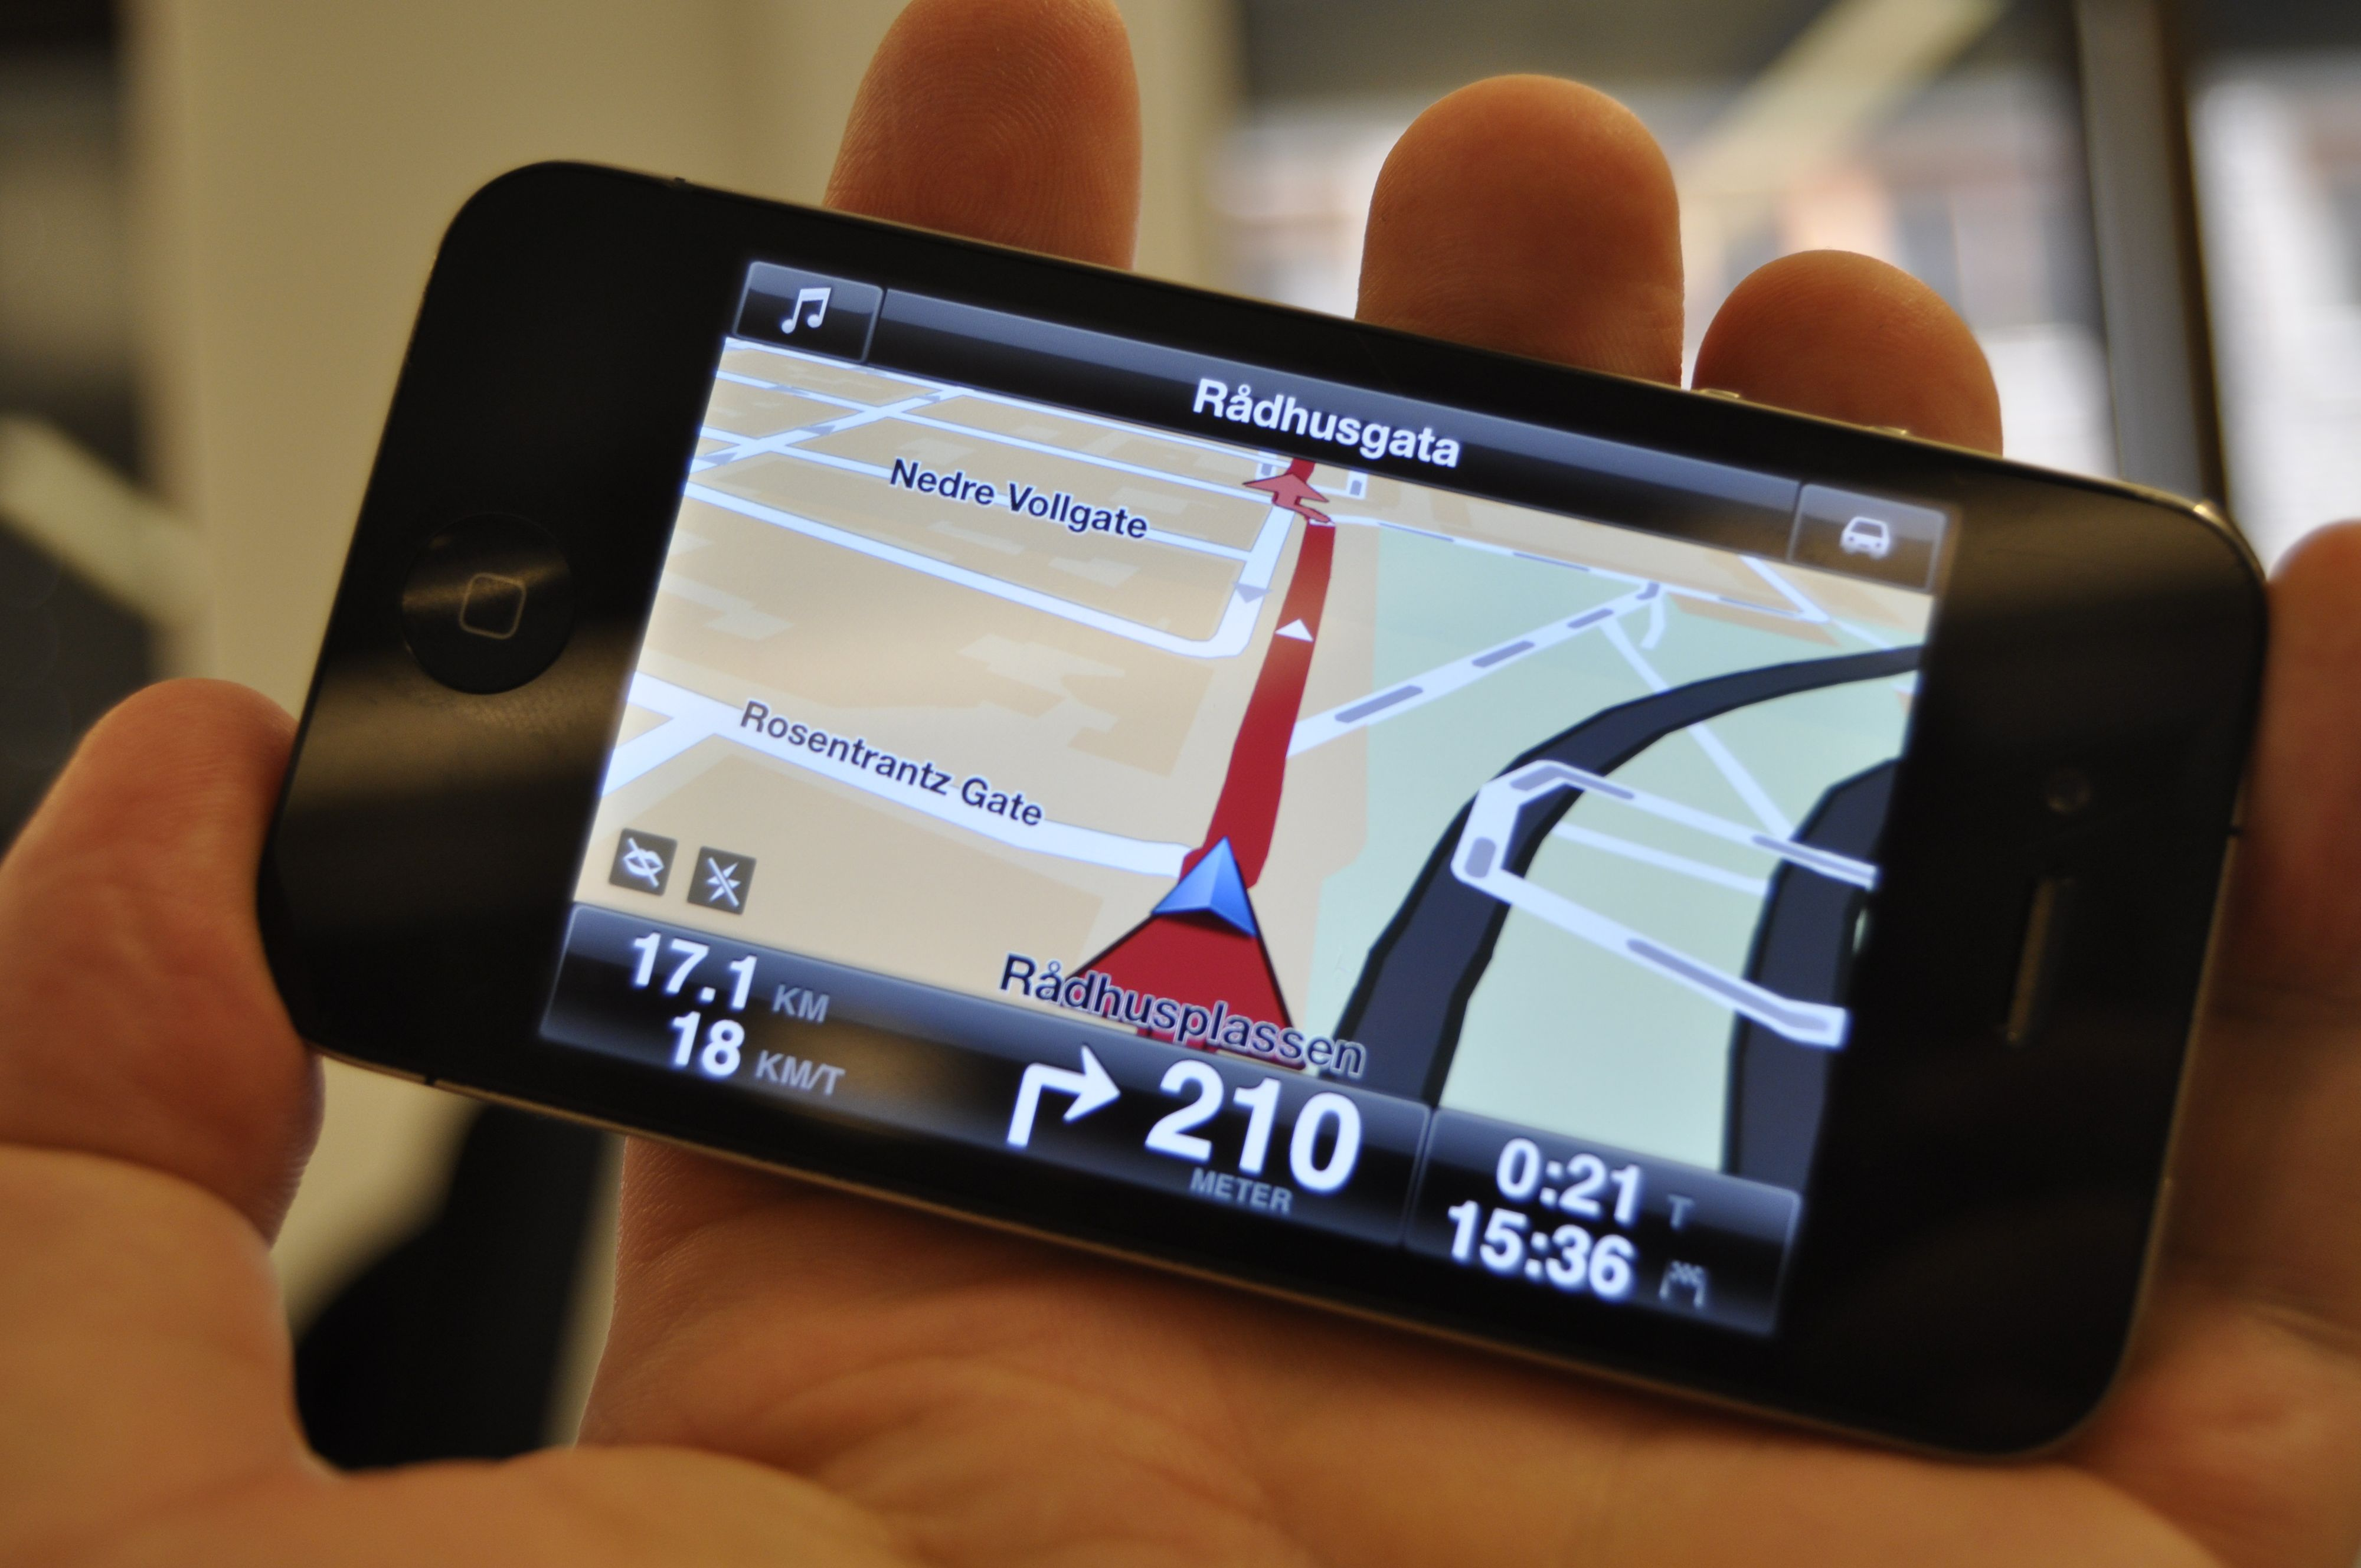 Slik ser TomToms navigasjonsbilde ut. Ryddig og lettfattelig.